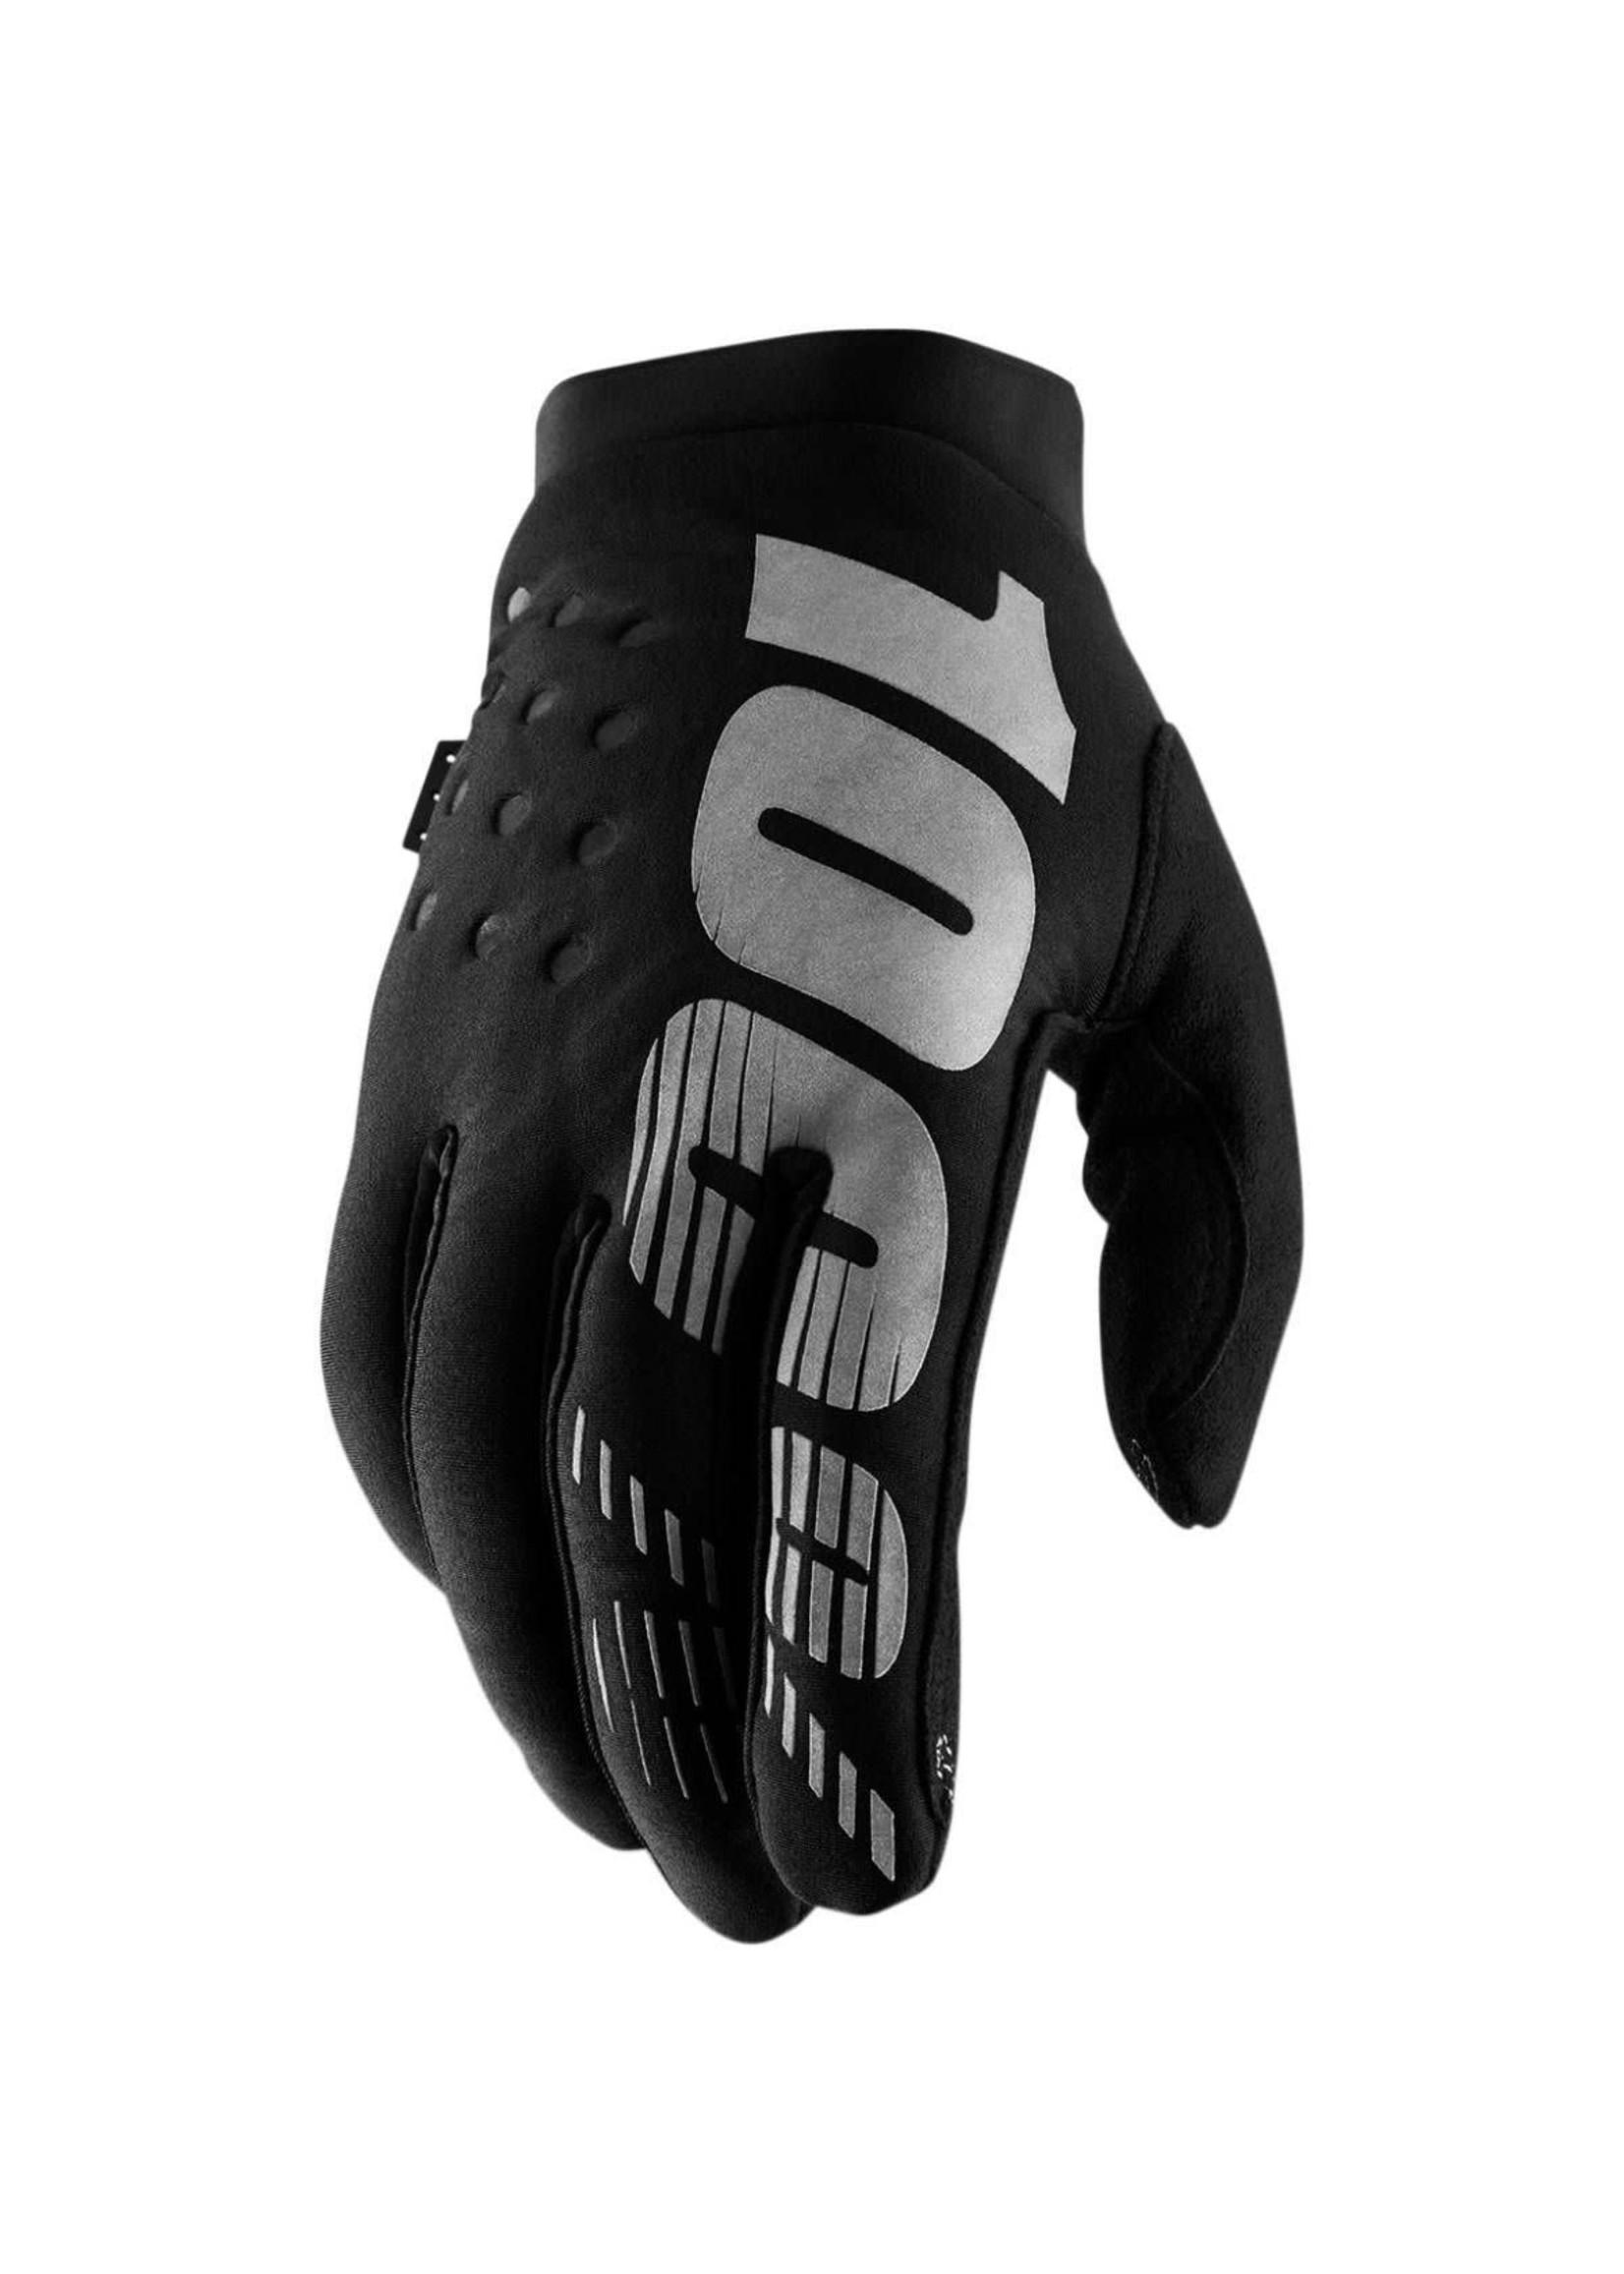 100% 100% Hydro Brisker Gloves, Black Large